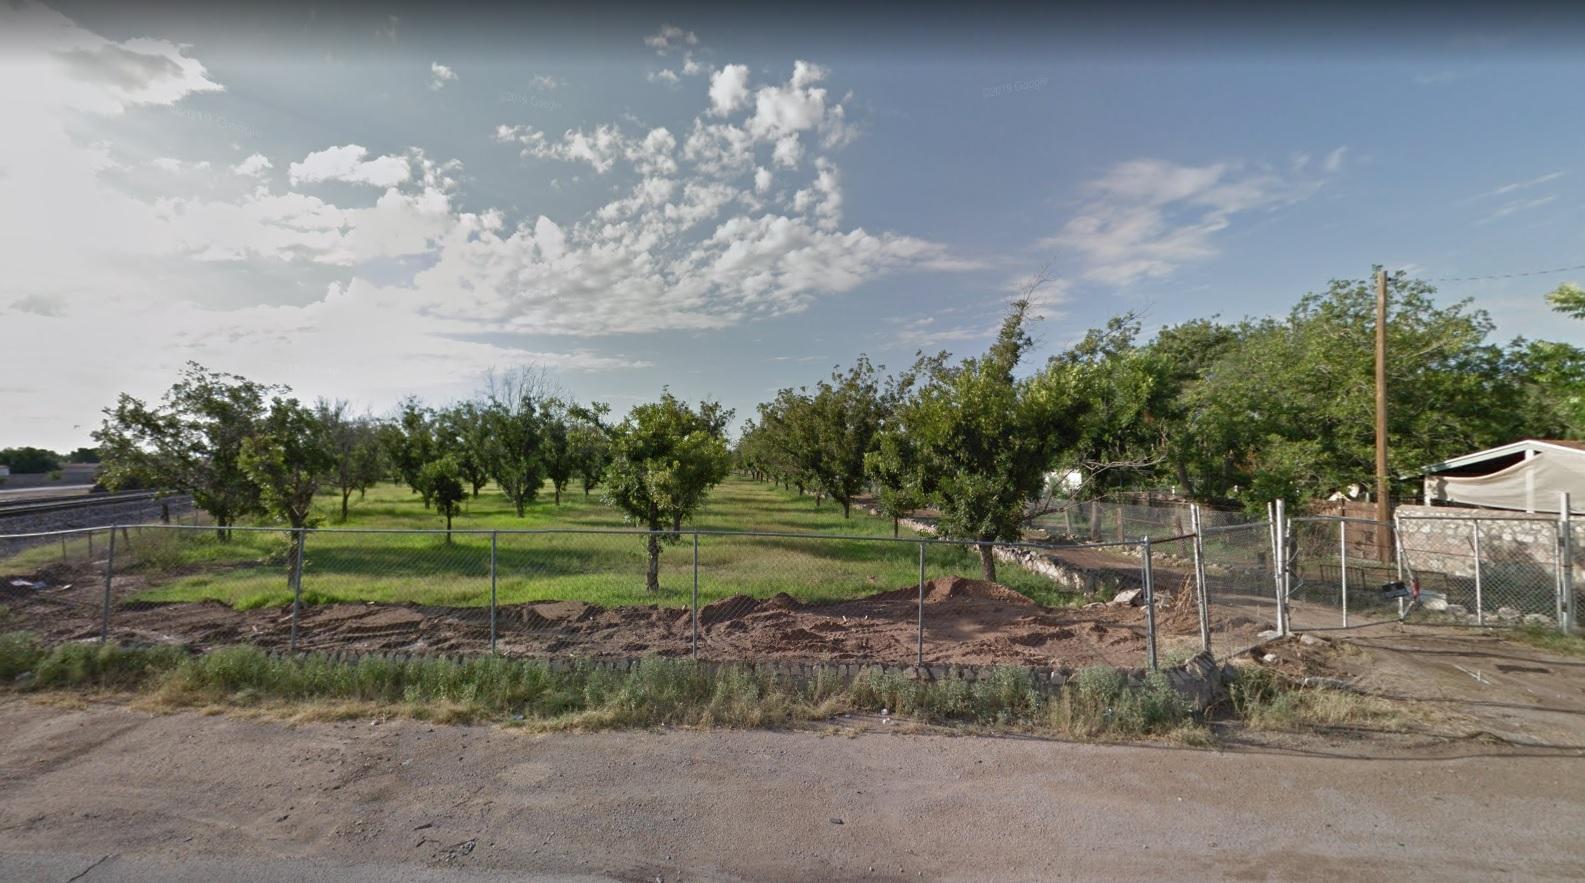 260 SMITH Road, El Paso, Texas 79907, ,Land,For sale,SMITH,810683